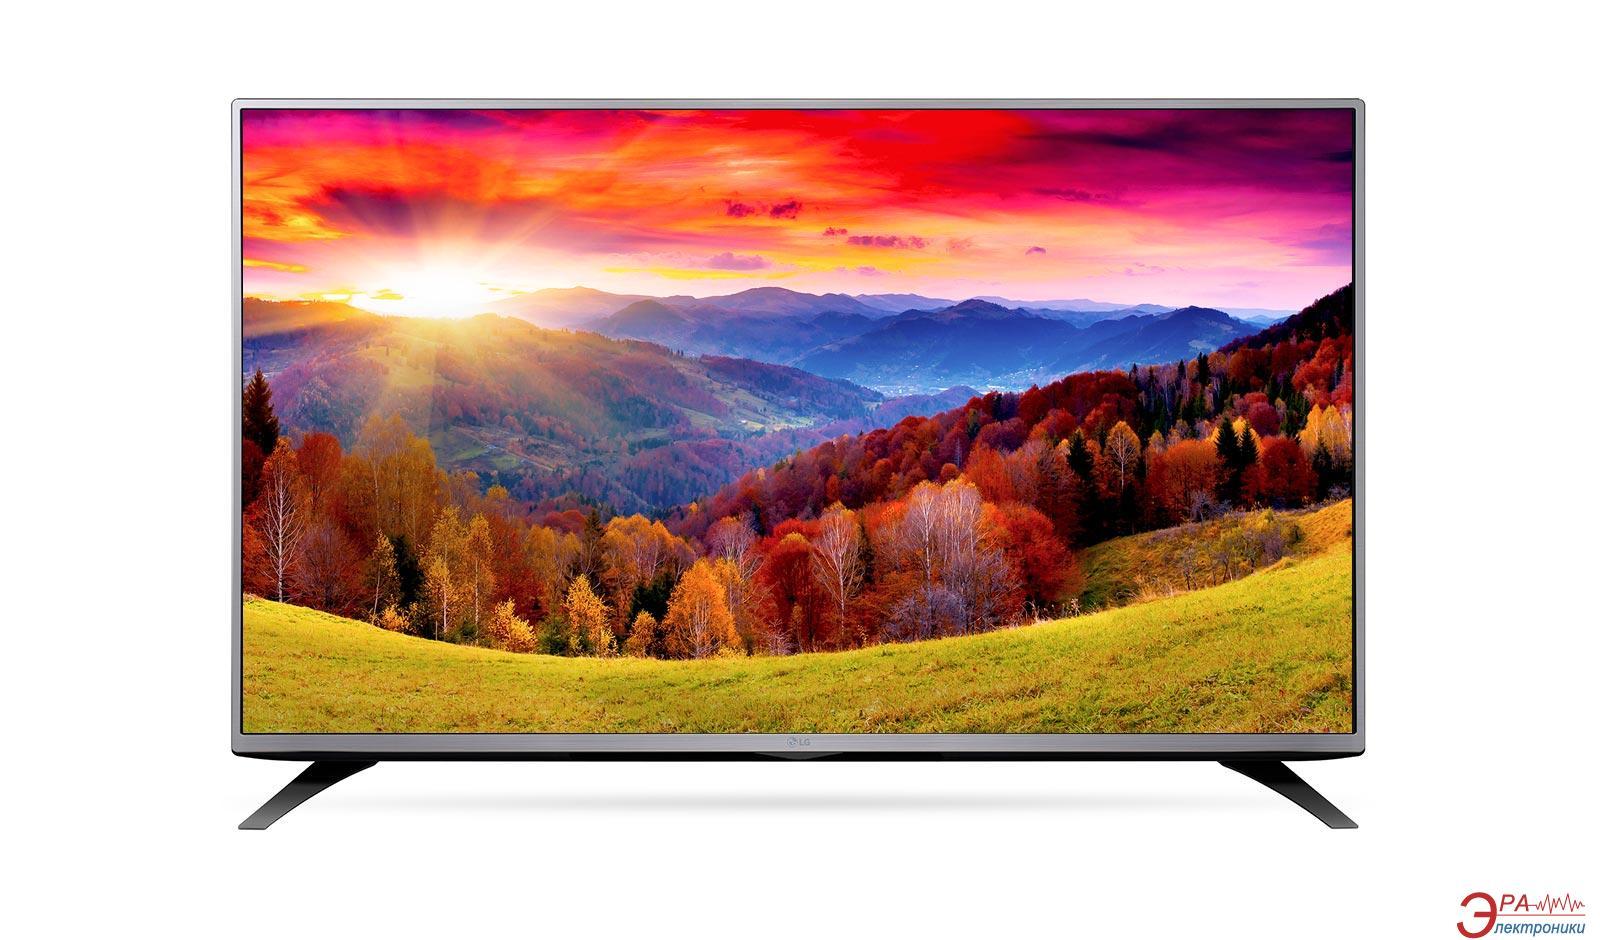 LED Телевизор 49 LG 49LH541V